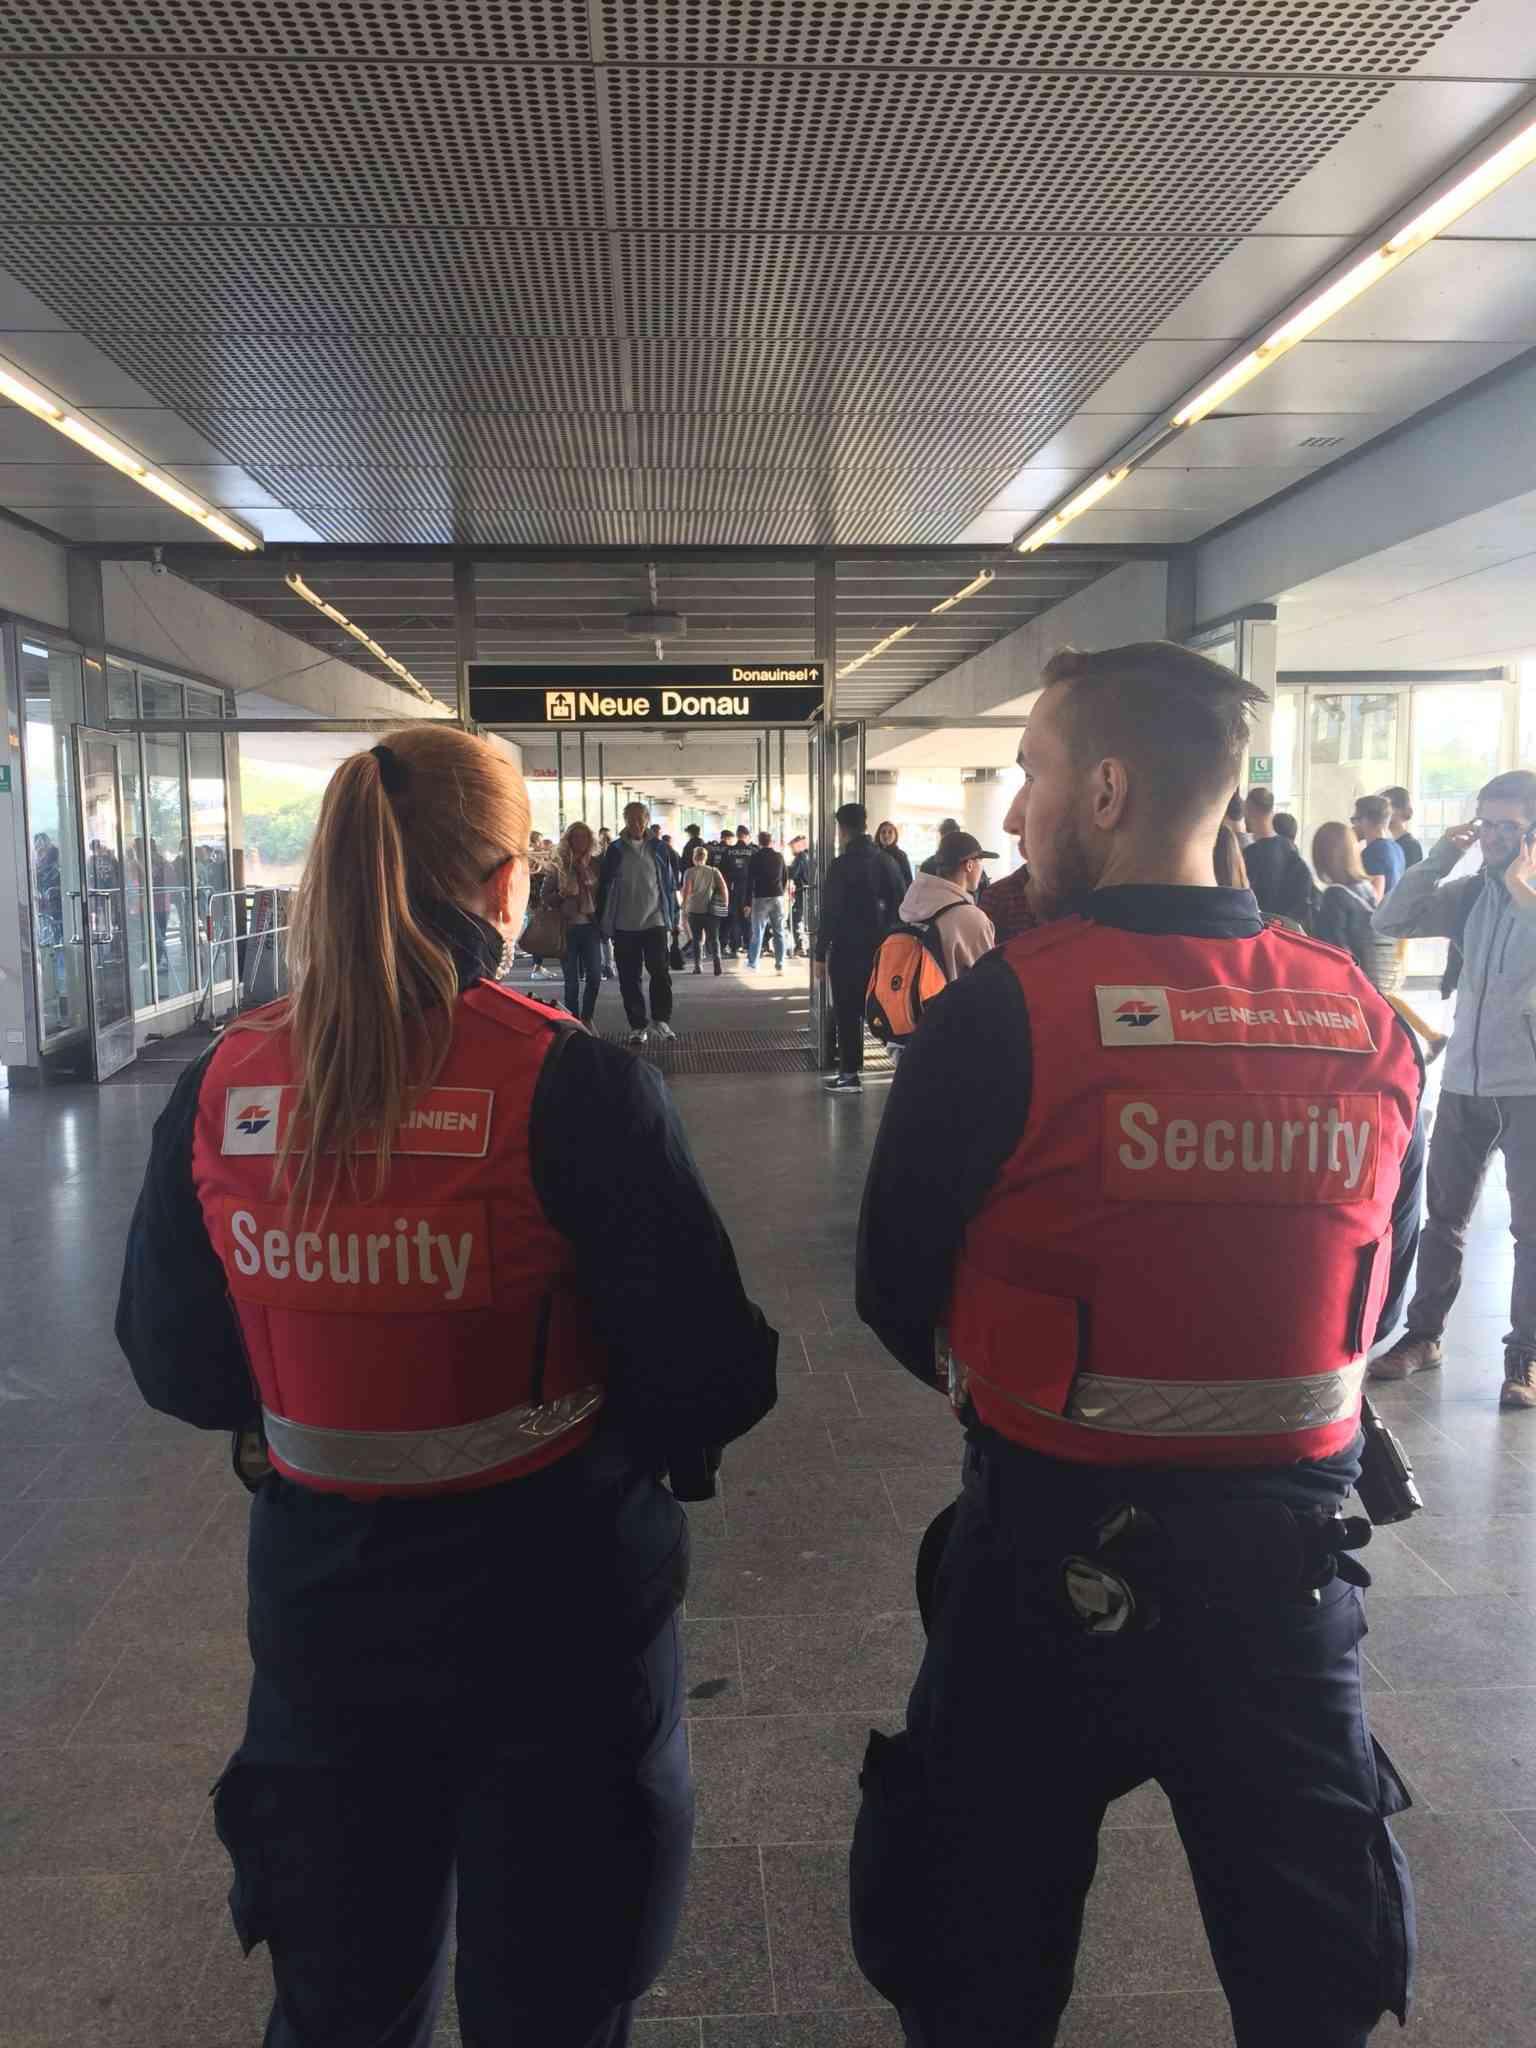 Der Wiener-Linien-Sicherheitsdienst ist rund um die Uhr im Einsatz.